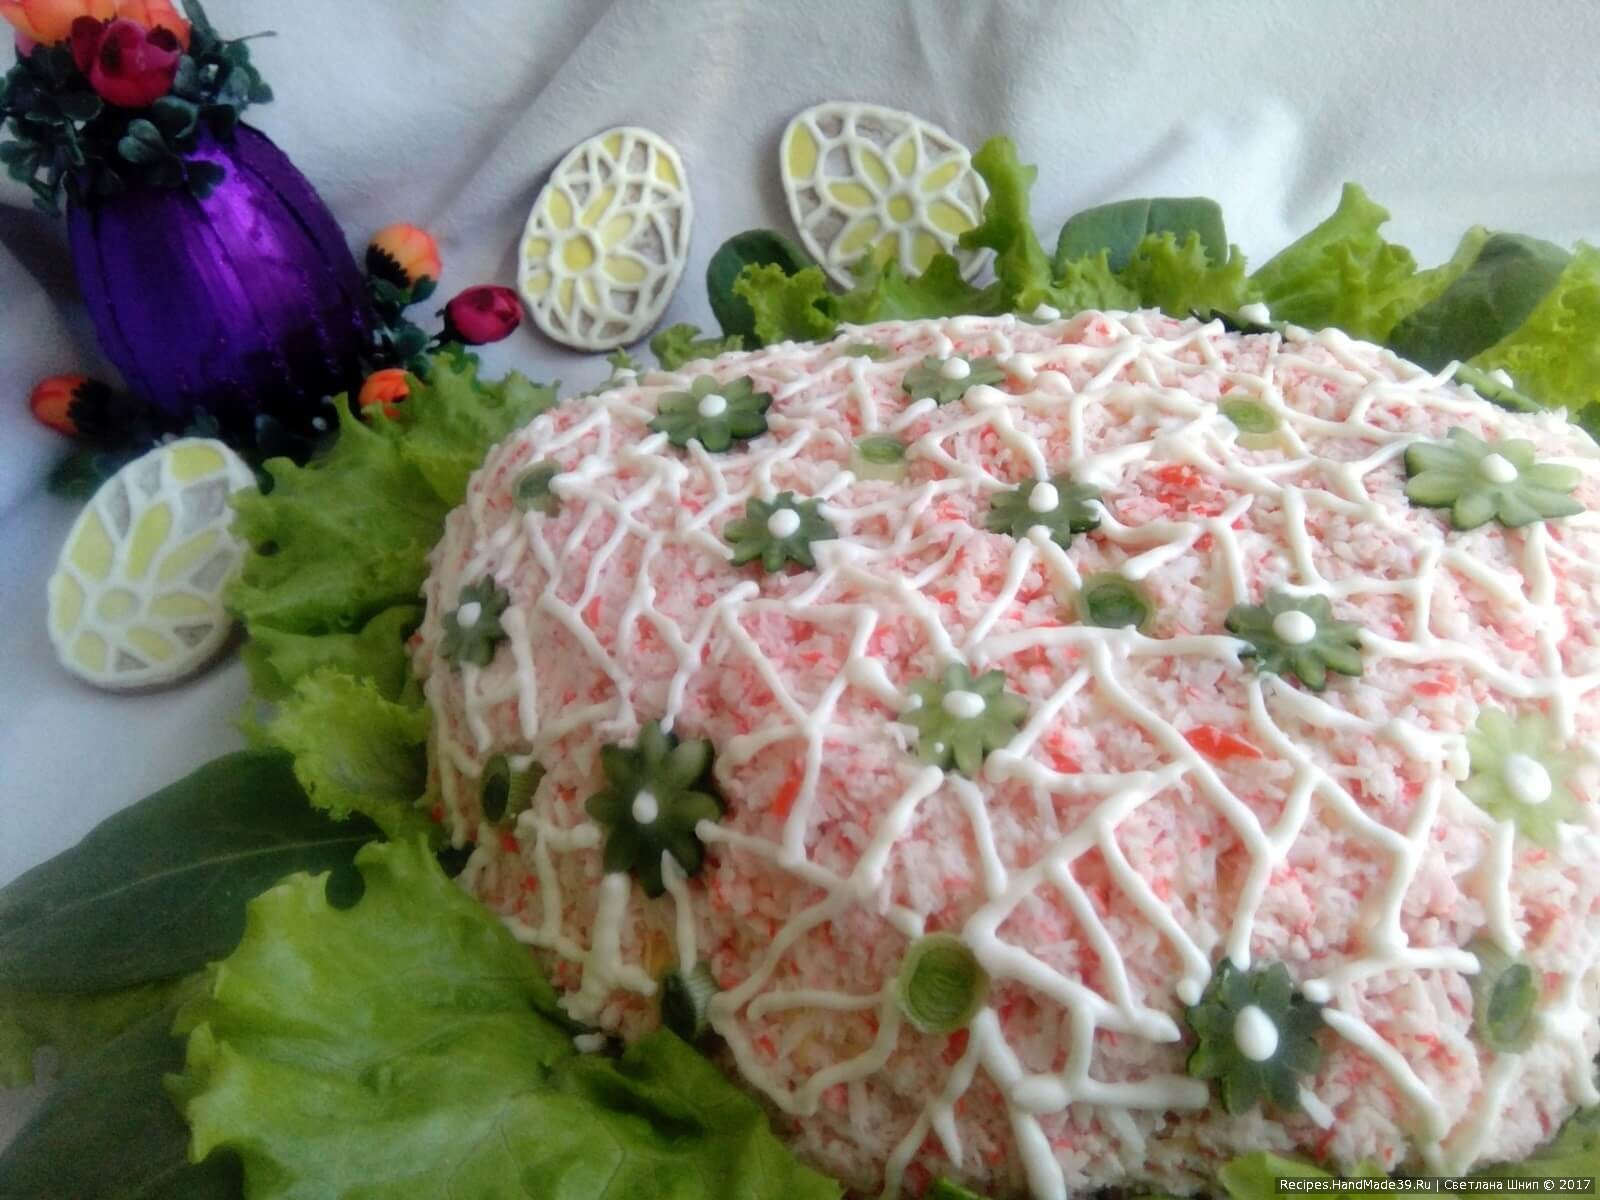 Цветочки соединены тоненькой сеткой майонеза (что-то вроде вышивки ришелье). Надеюсь, вам тоже придется по вкусу нежный и изысканный вкус этого салата